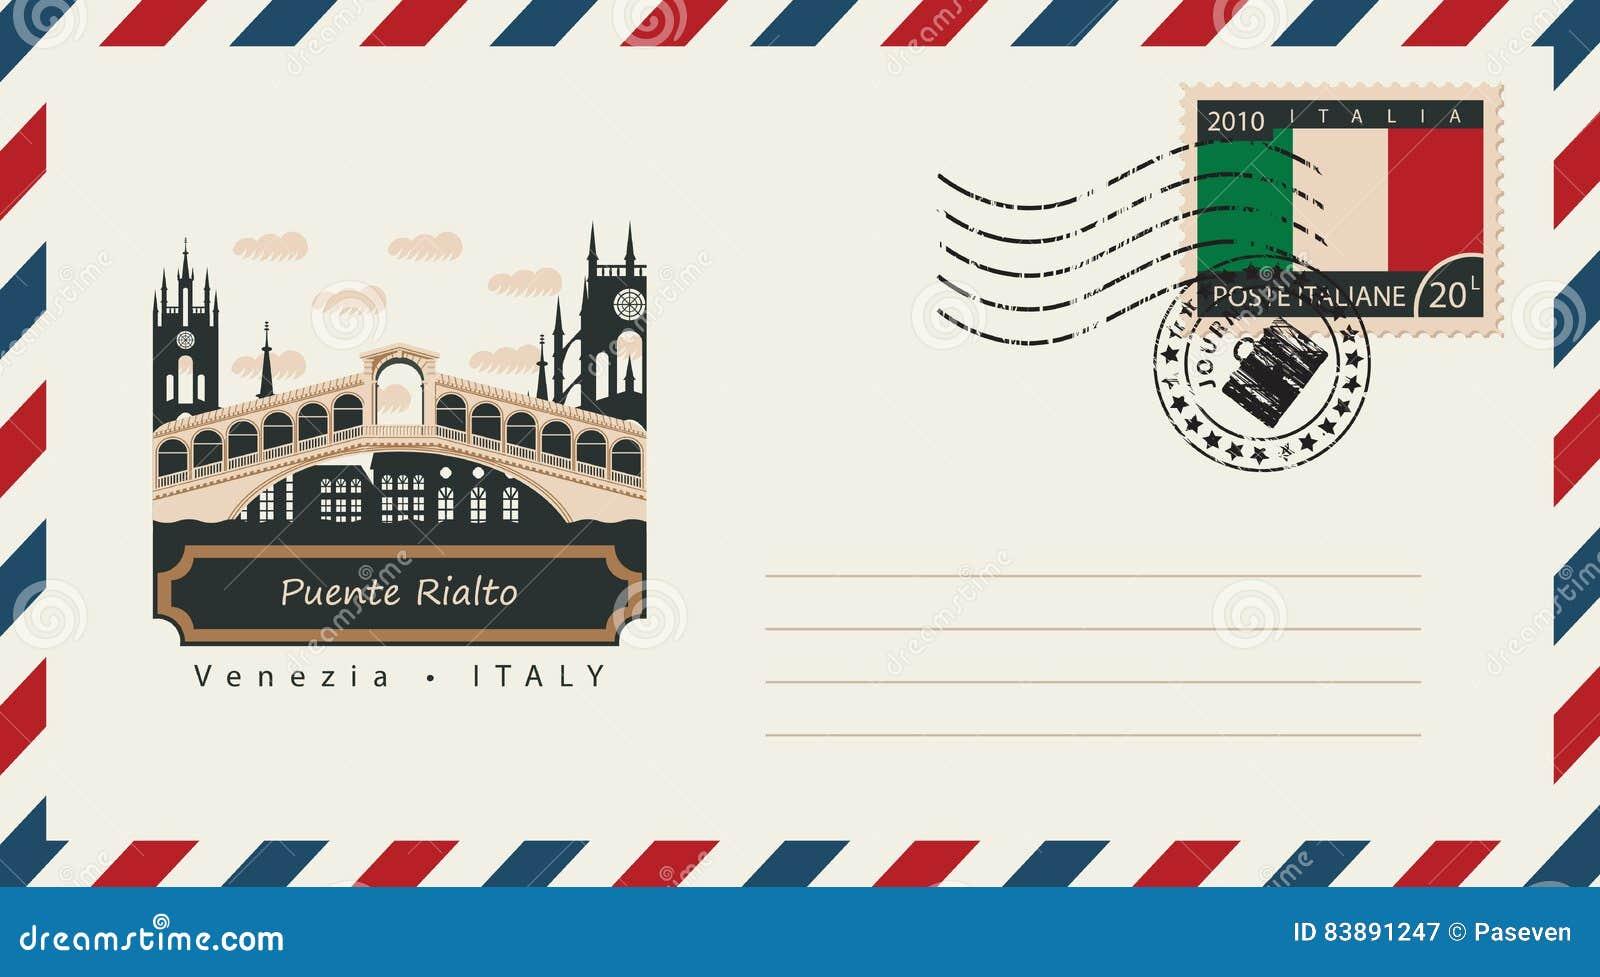 AI francesi – Lettera dall'Italia sul vostro futuro